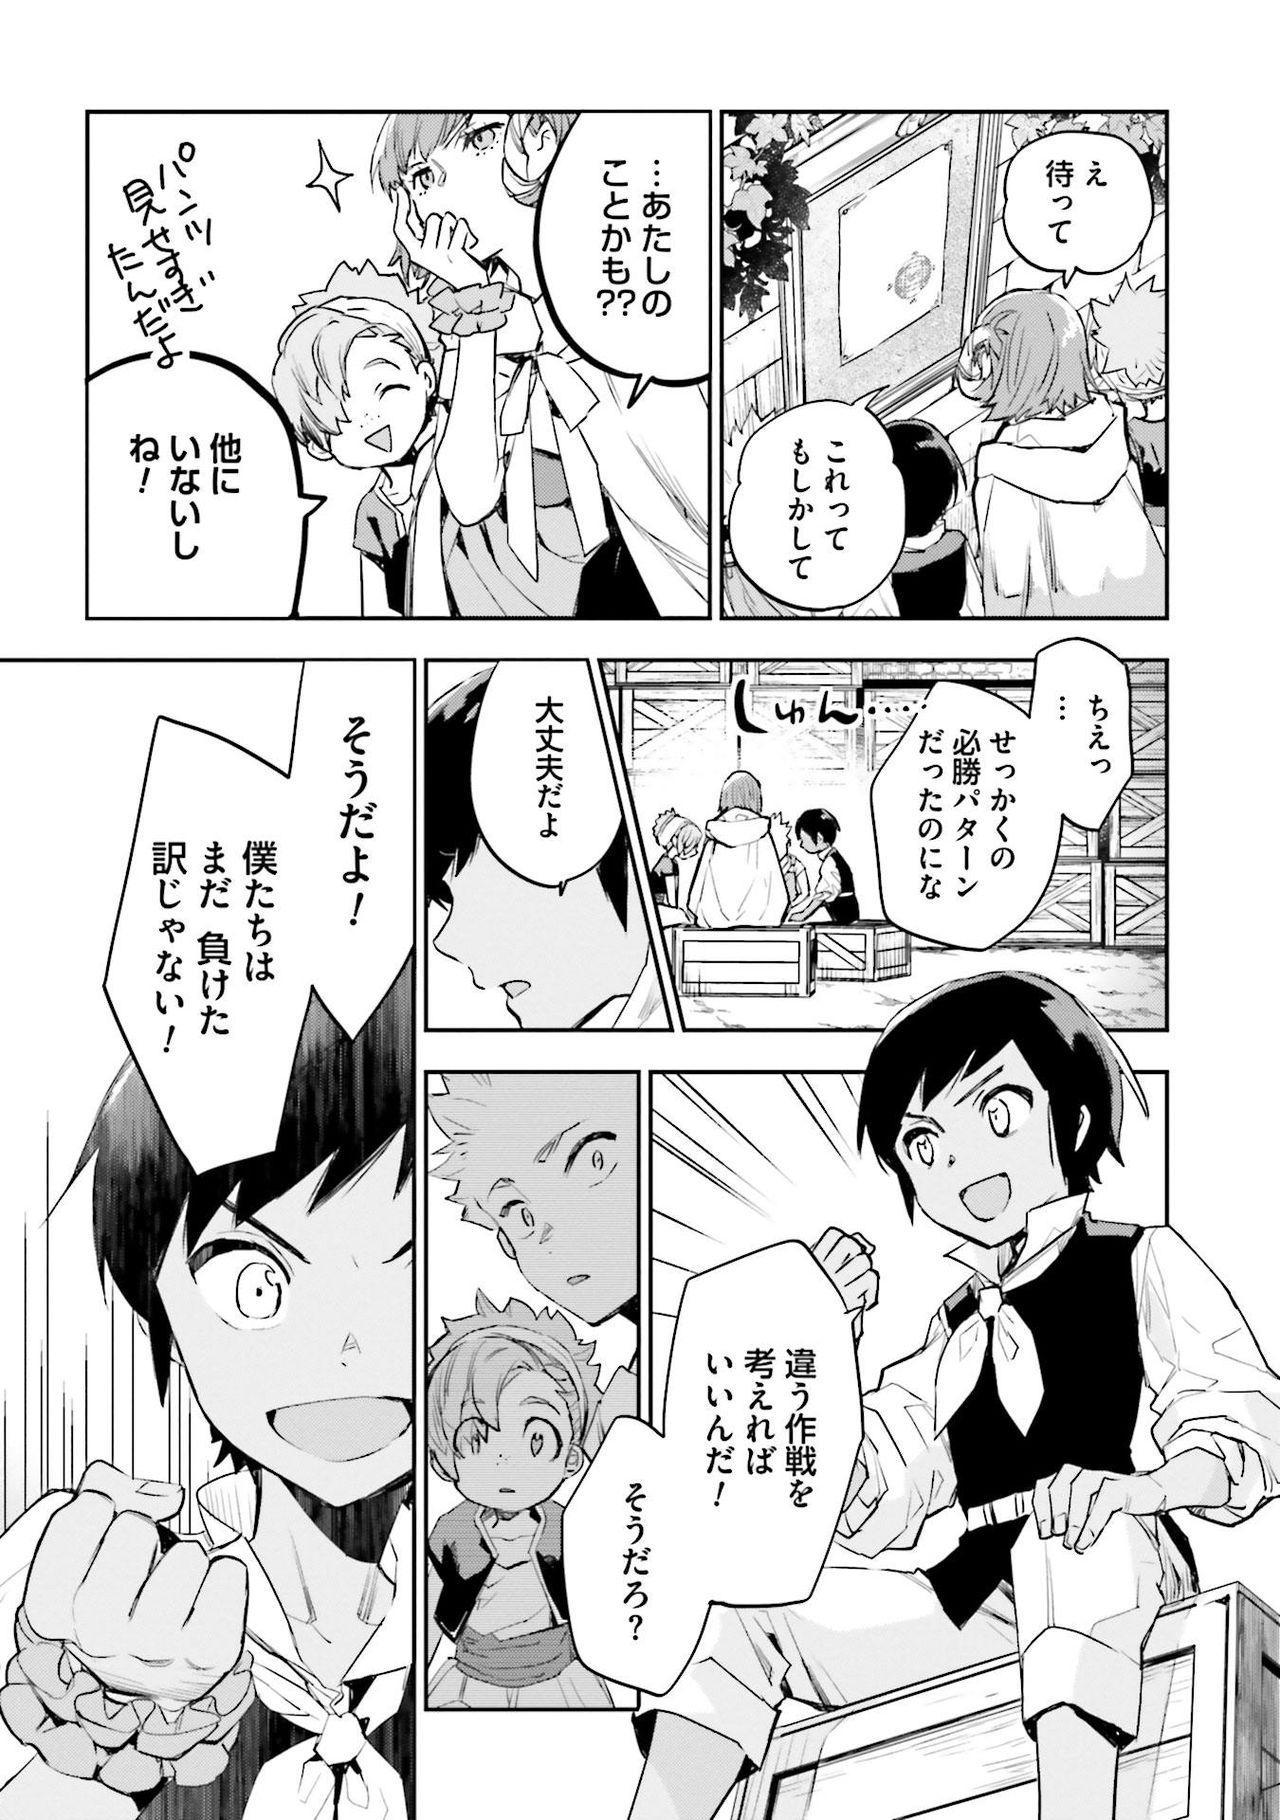 JK Haru wa Isekai de Shoufu ni Natta 1-14 399